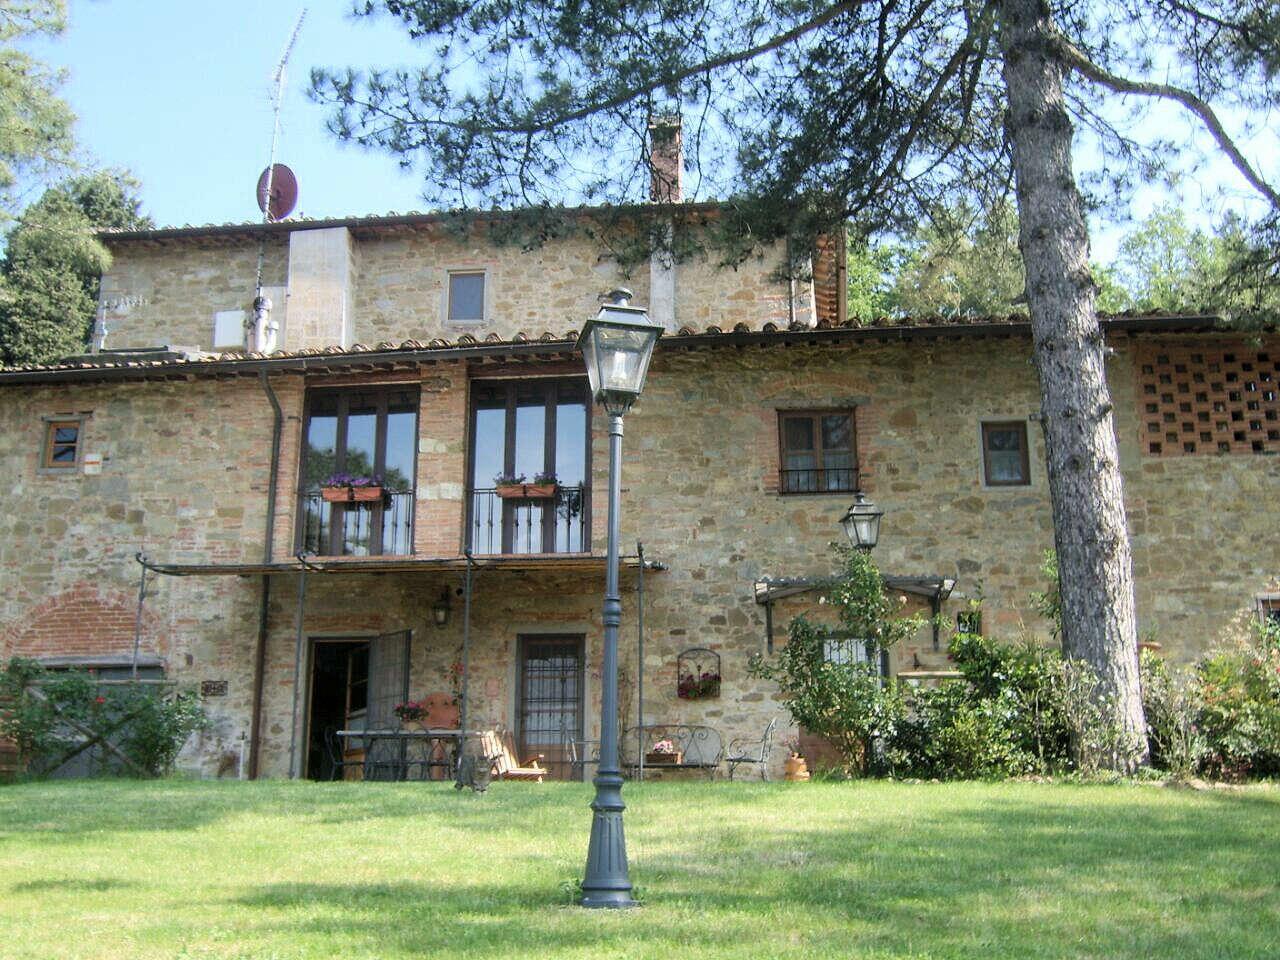 Rustico casale corte in vendita a borgo san lorenzo via for Piani casa ranch in collina